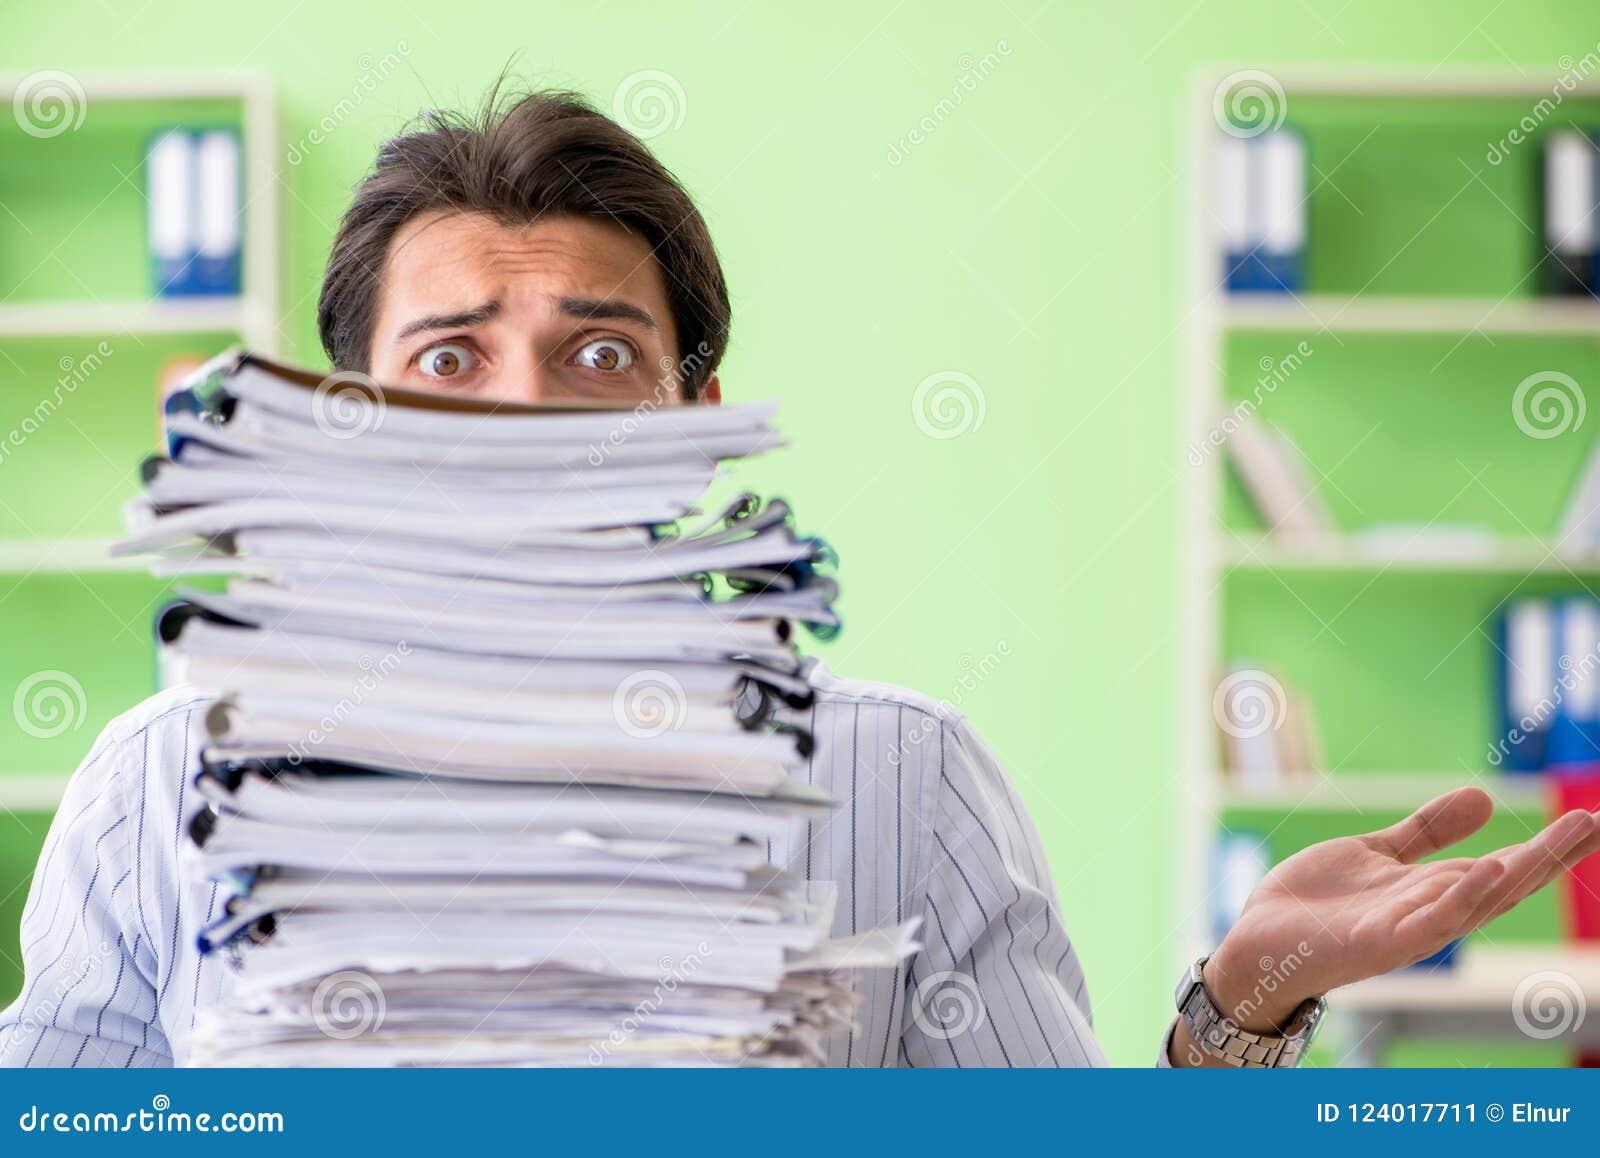 Affärsmannen som har problem med skrivbordsarbete och arbetsbörda